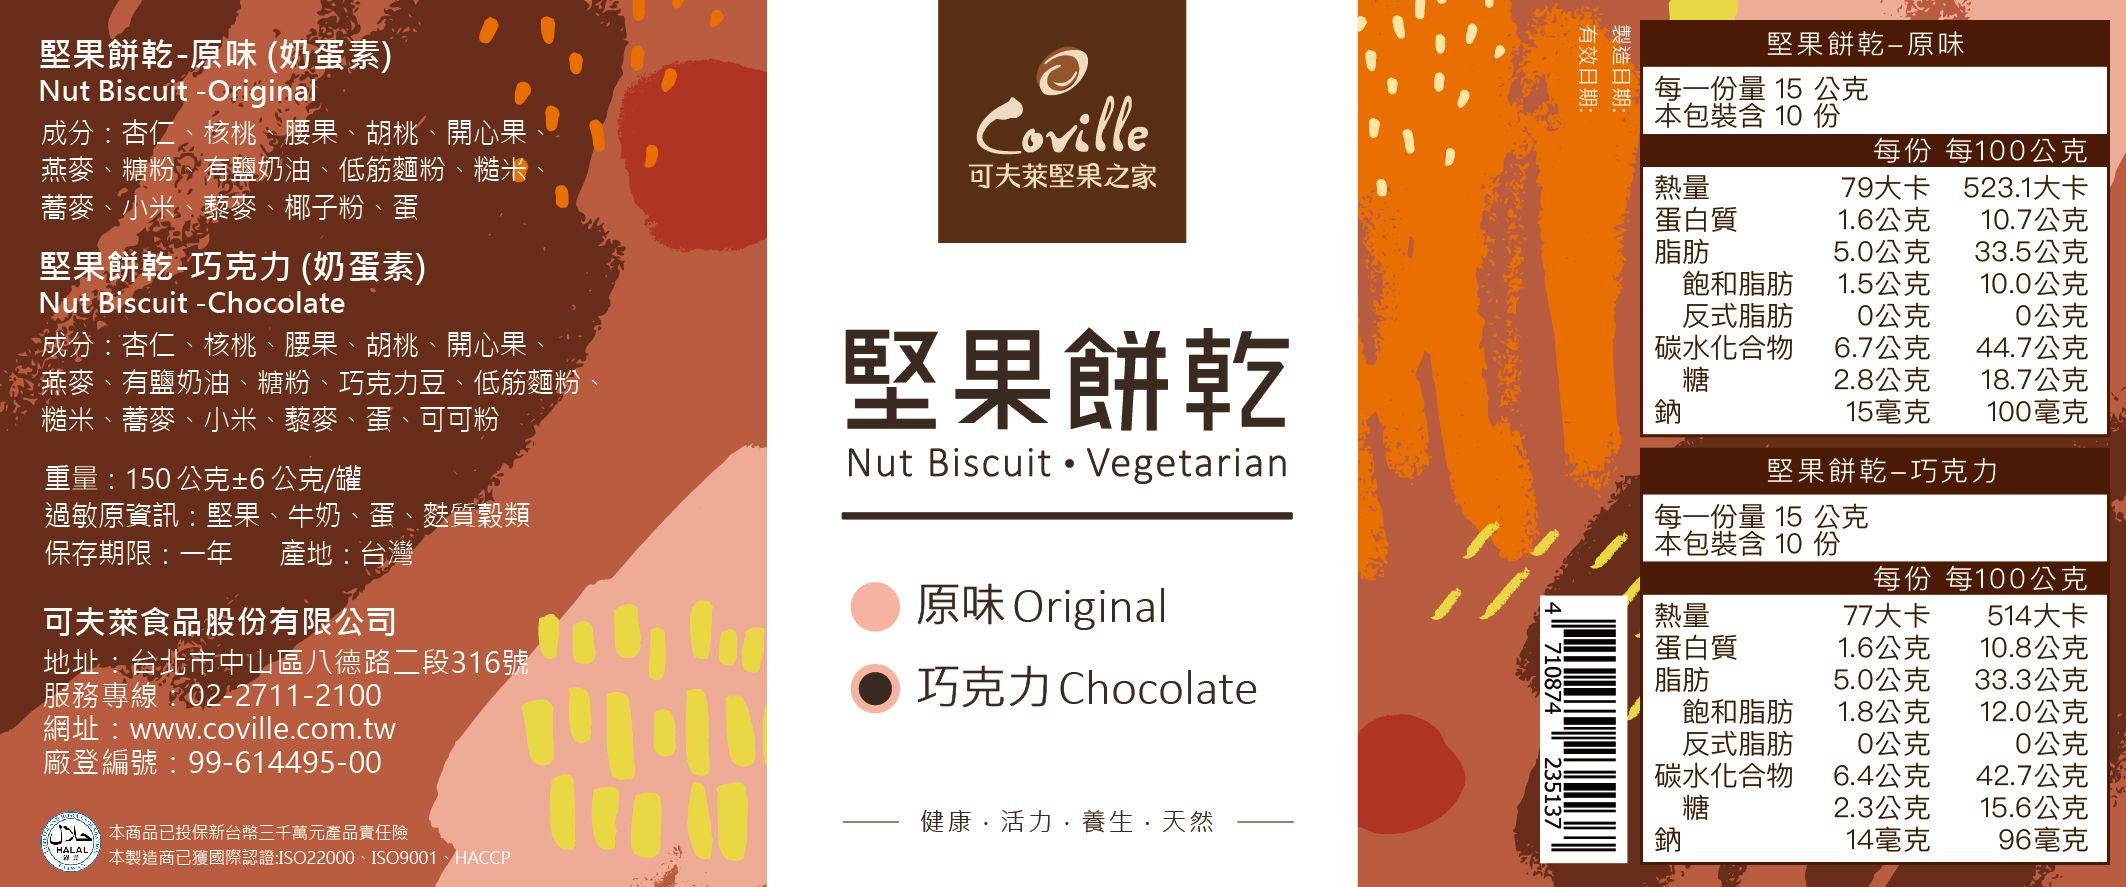 堅果餅乾 包裝貼標設計 The Originals Chocolate 10 Things